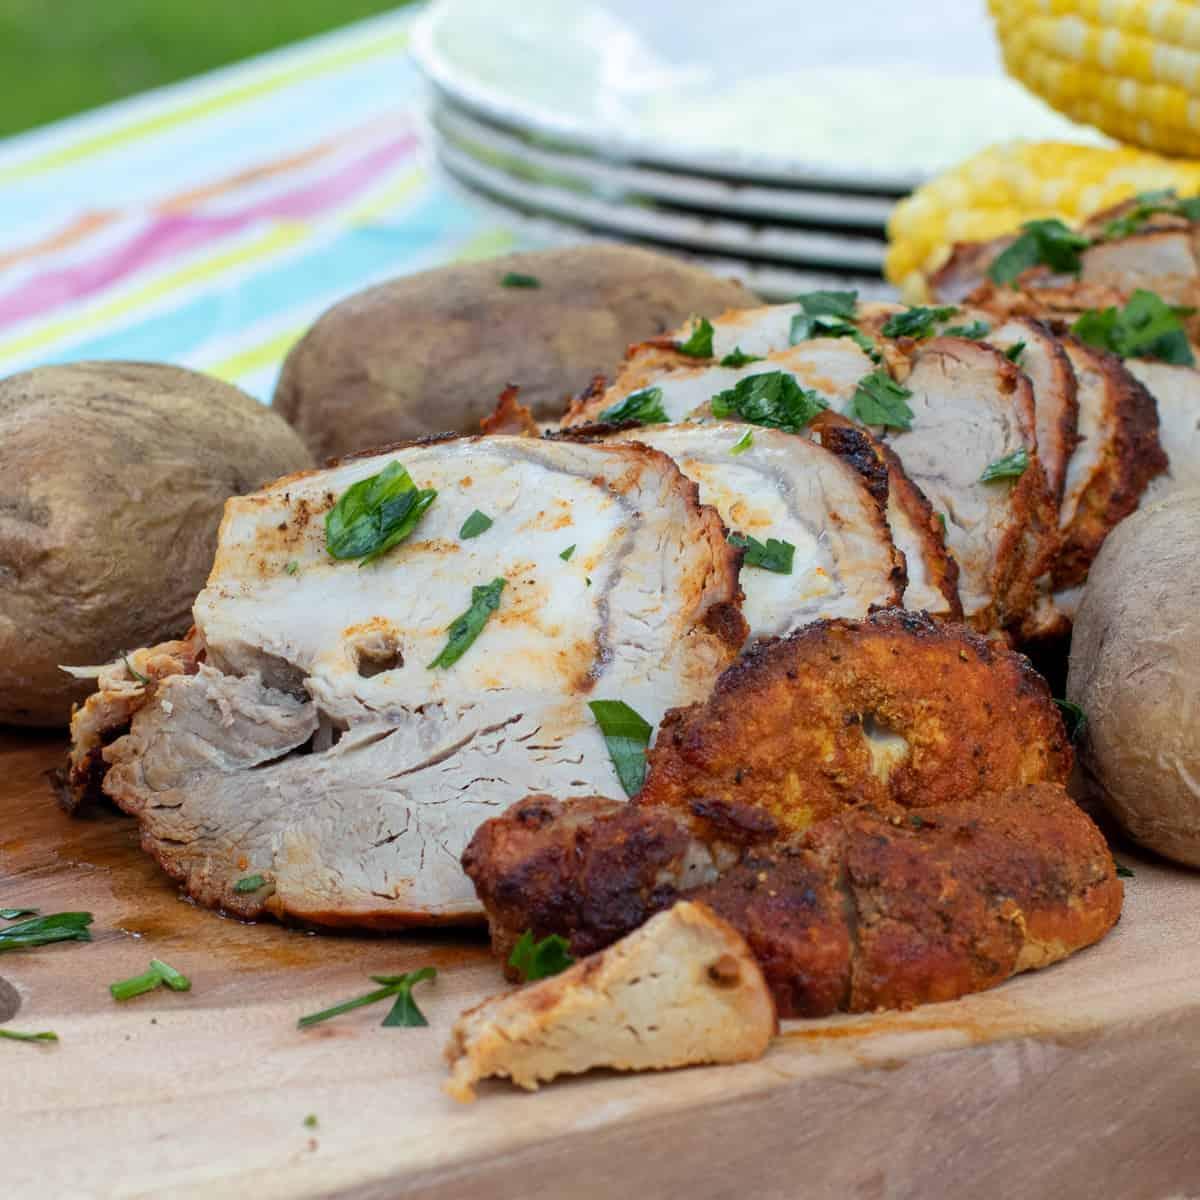 A close up of sliced pork roast.